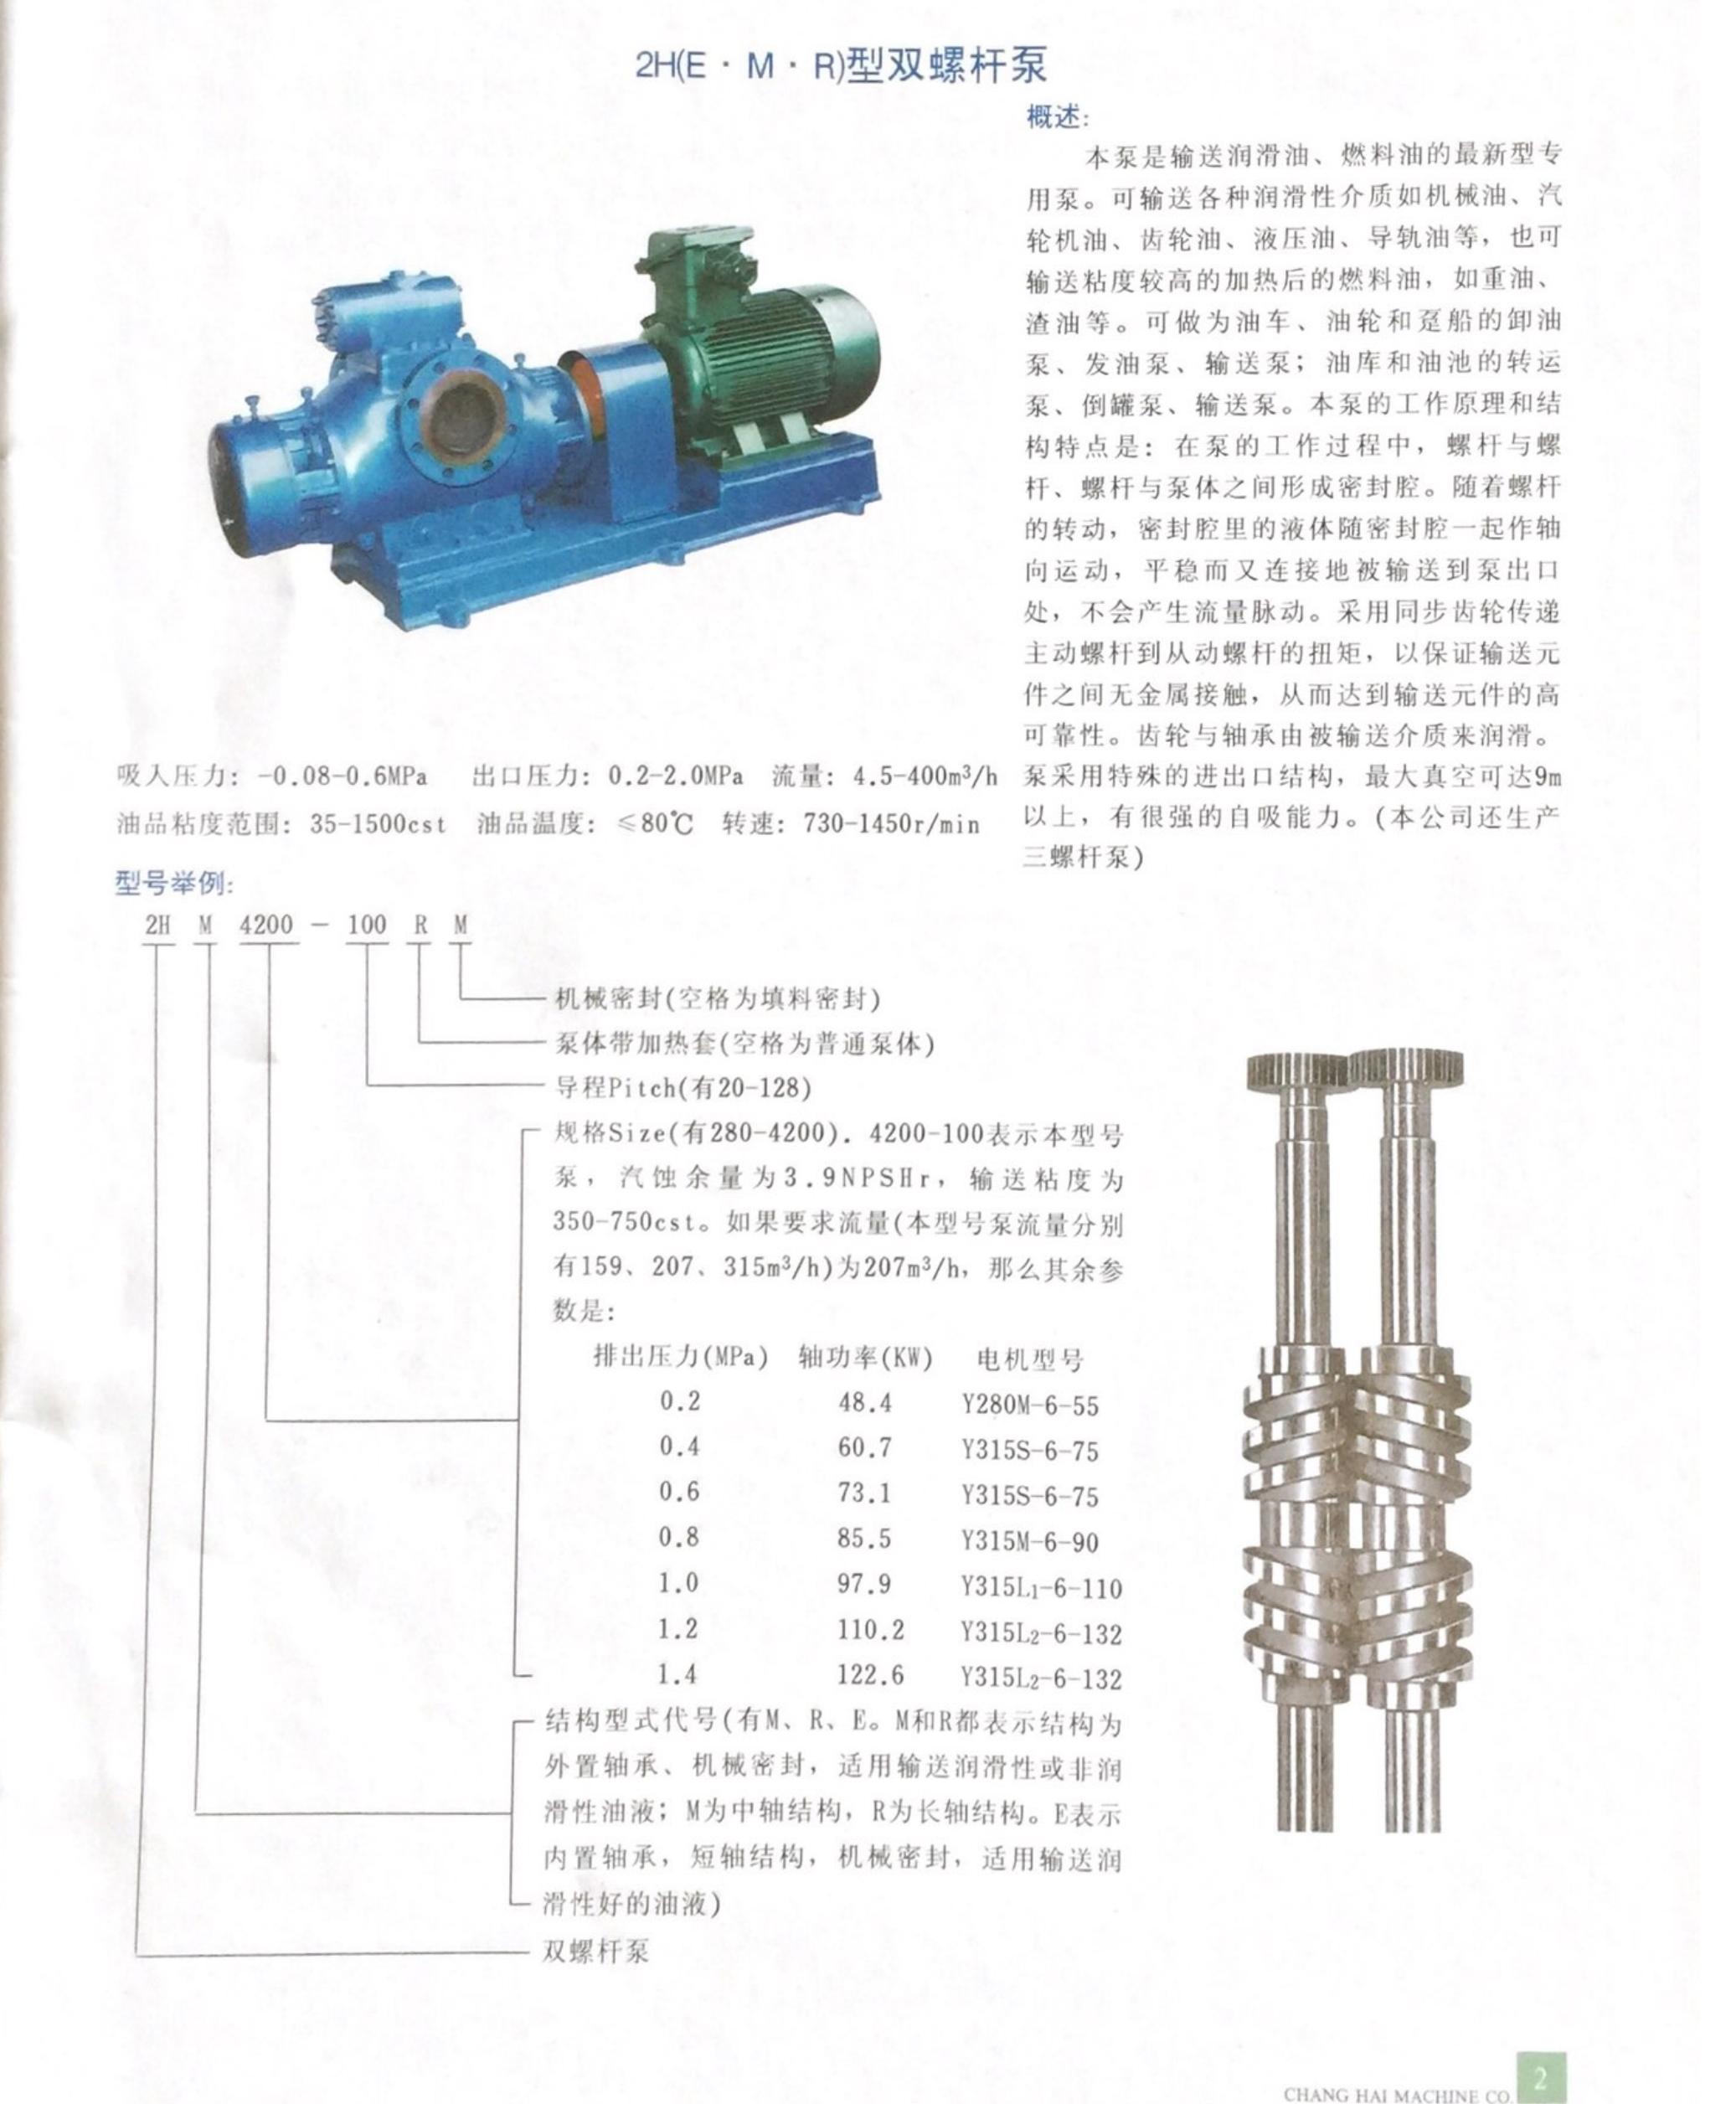 2H(E.M.R)型双螺杆泵